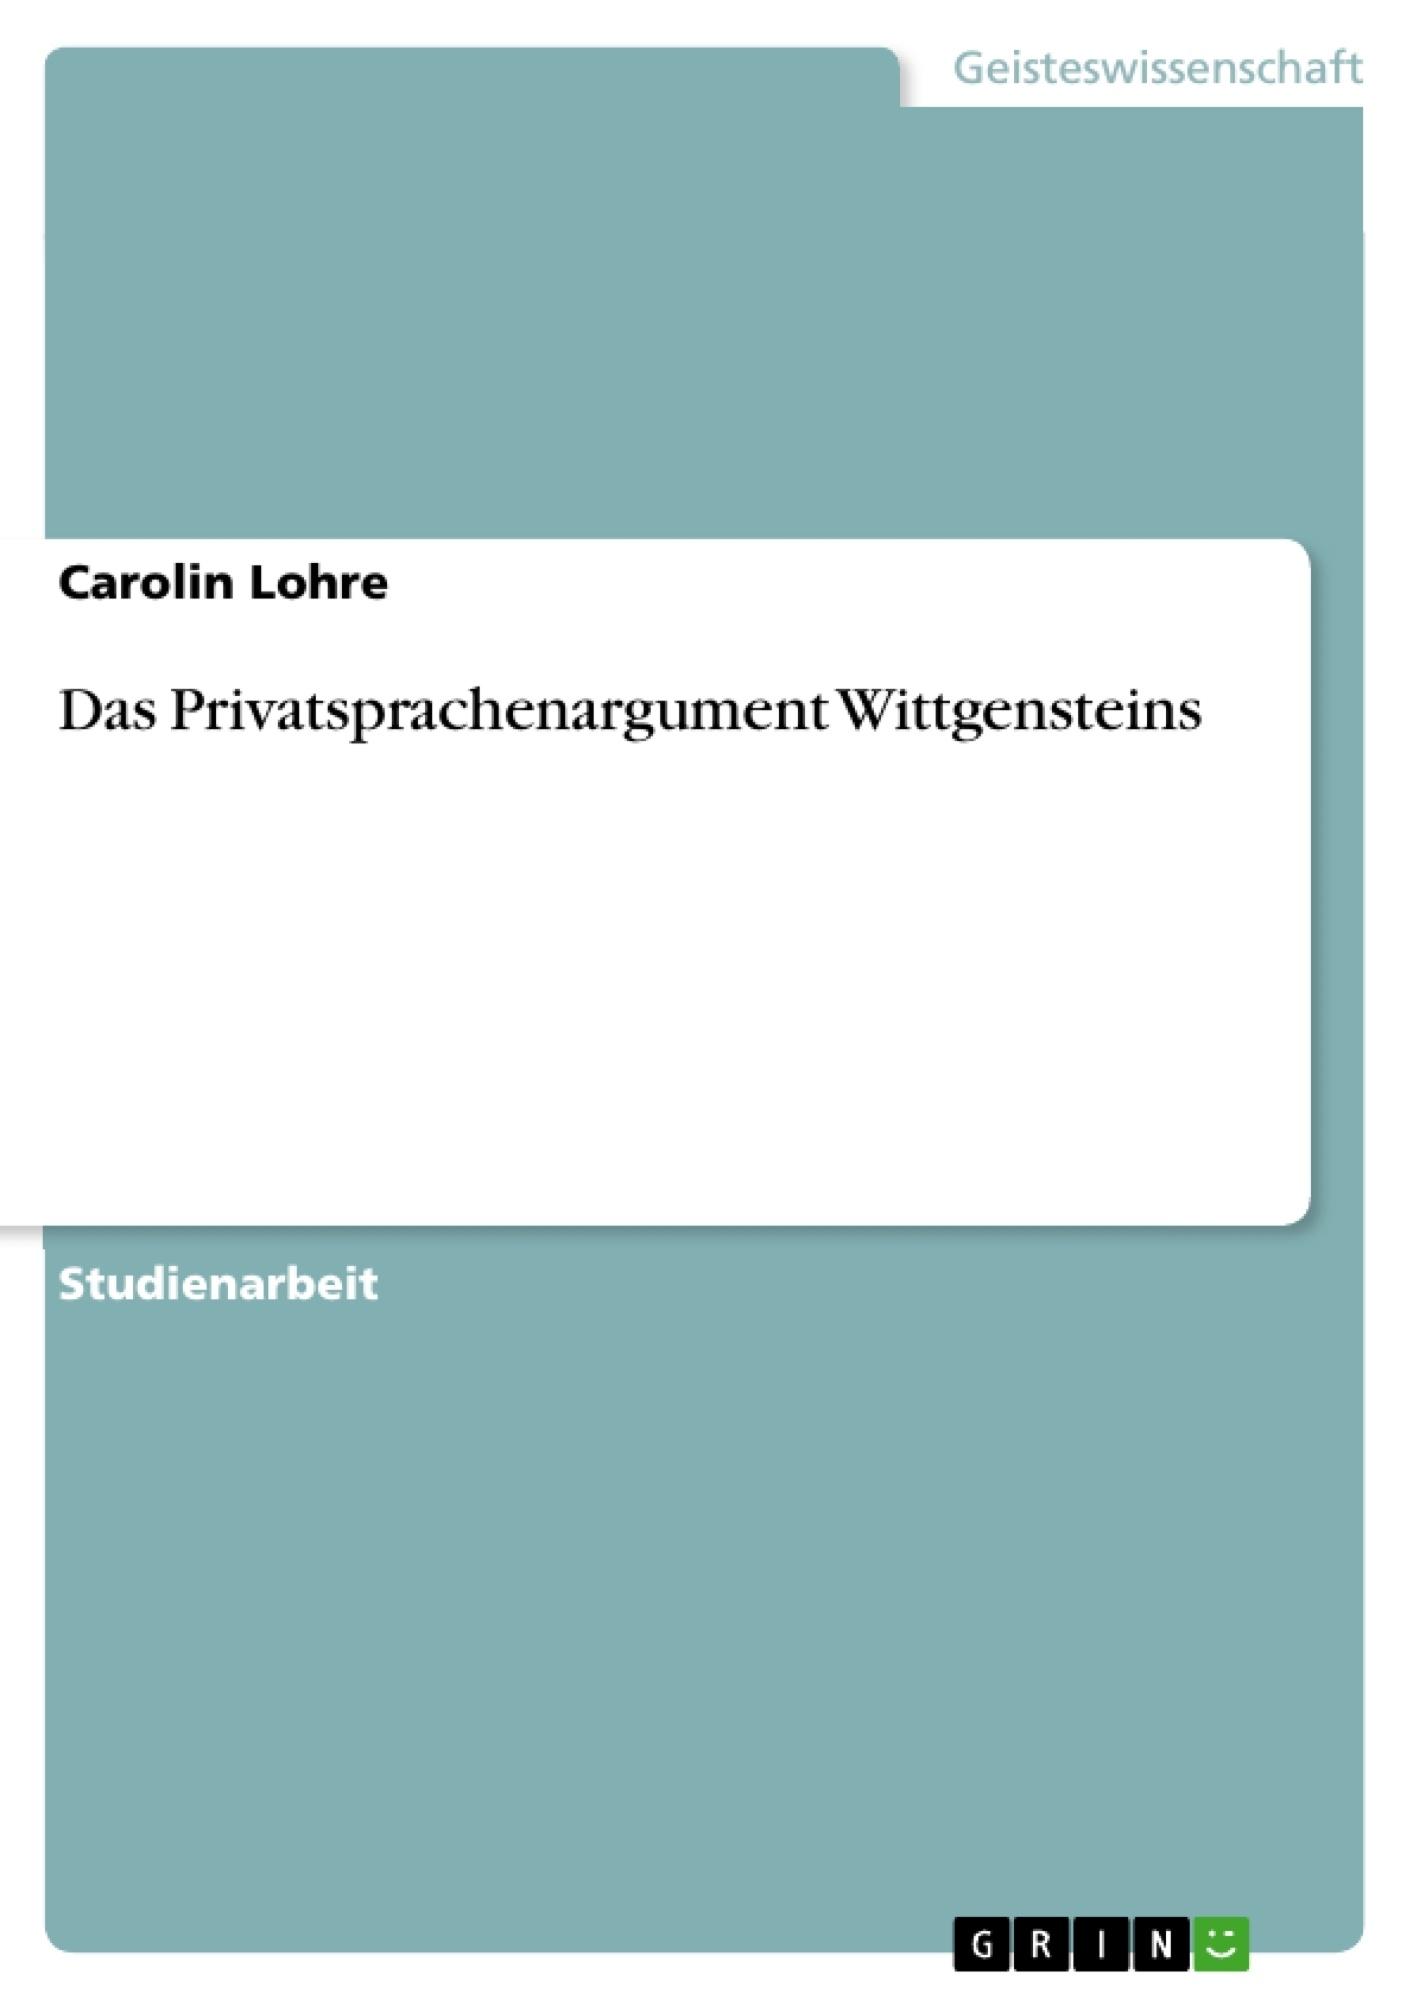 Titel: Das Privatsprachenargument Wittgensteins